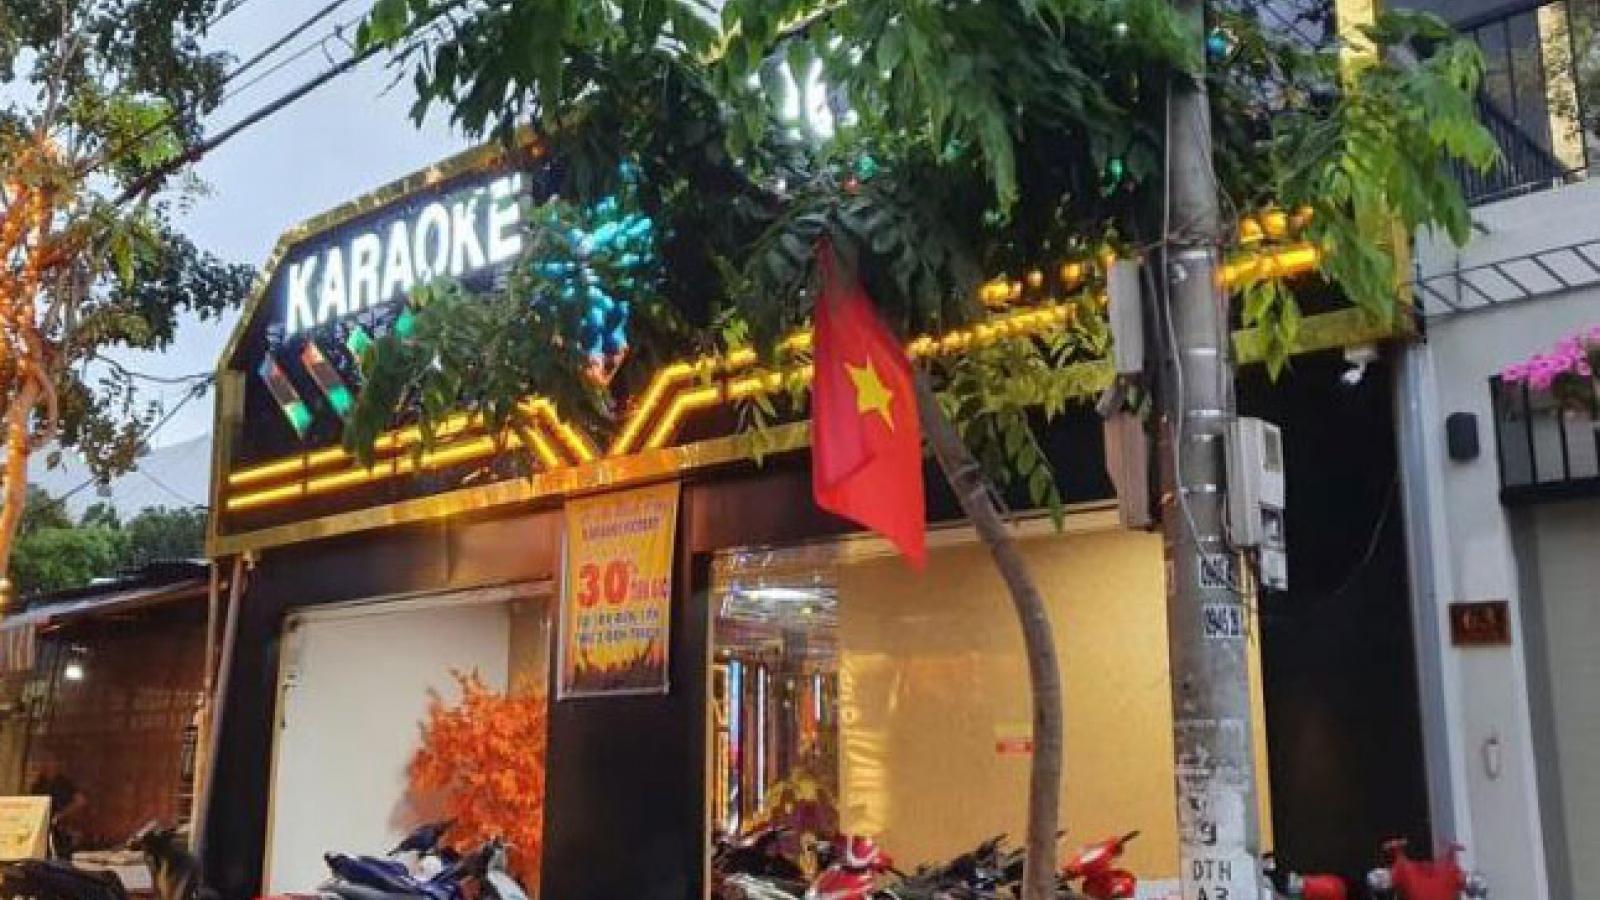 Quán karaoke, massage ở Quảng Nam được hoạt động trởlại từ 6/9